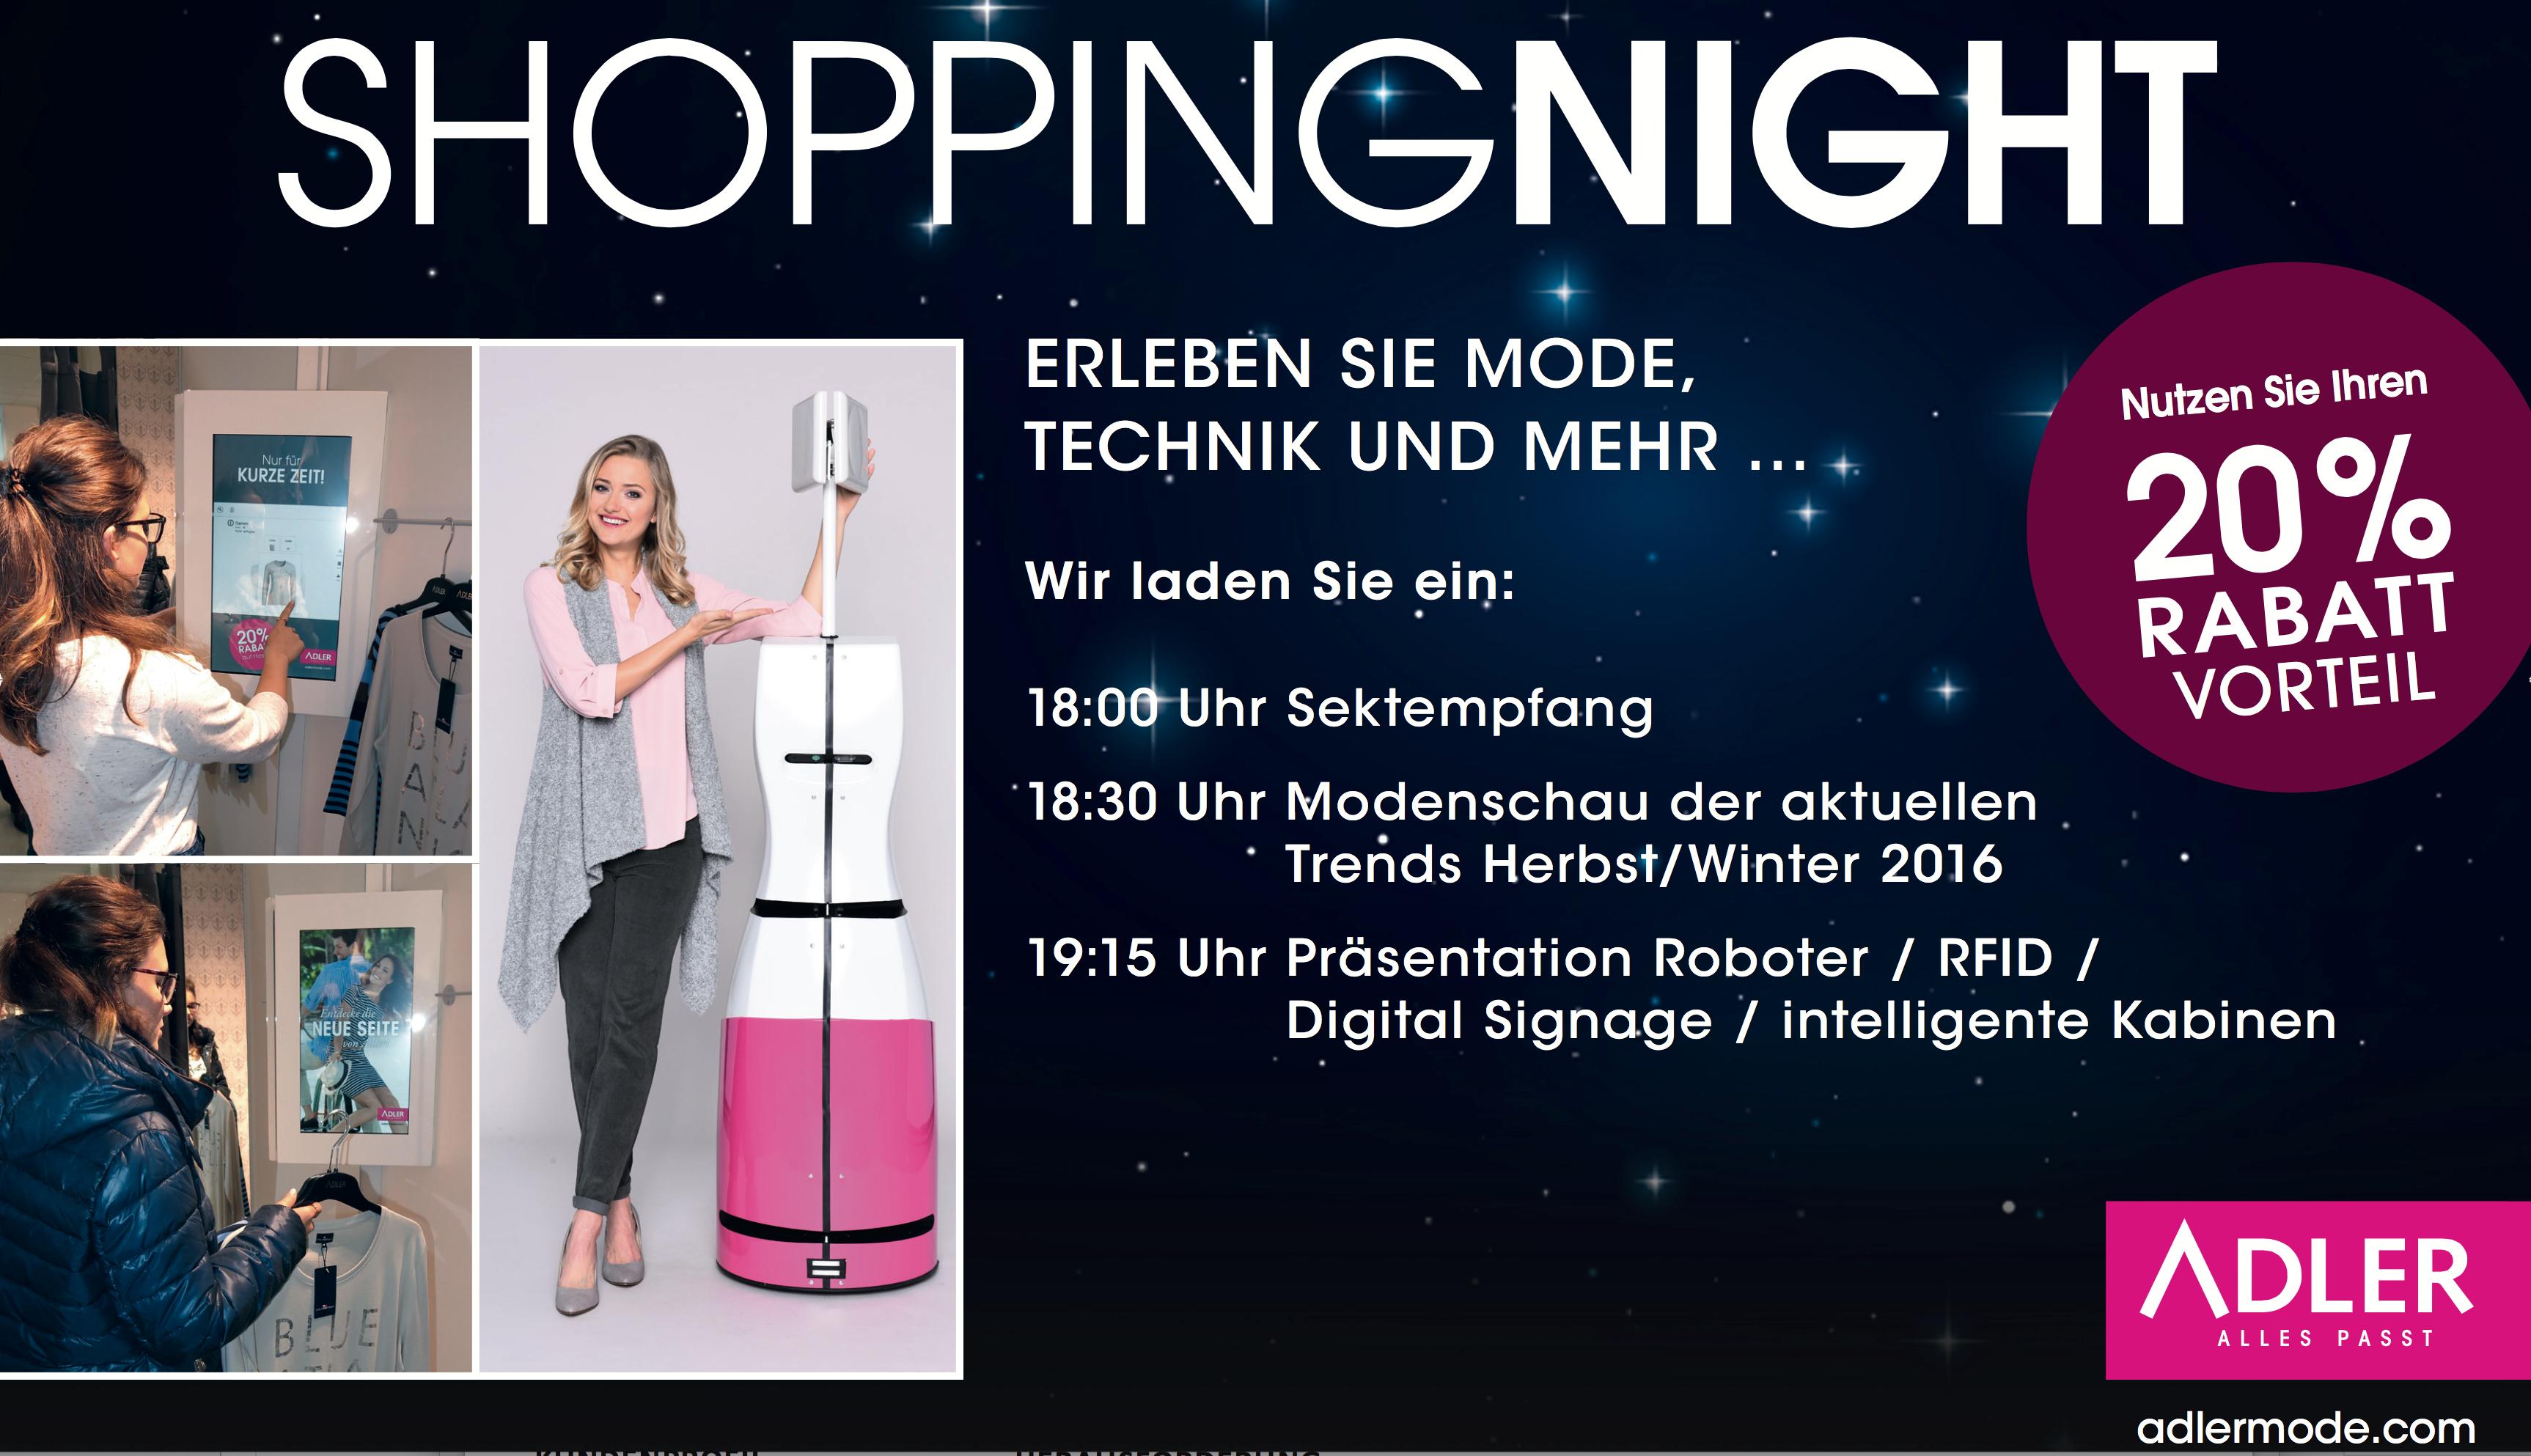 Flyer Late Night Shopping Adler Modemarkt in Erfurt/ Thüringer-Einkaufs-Center